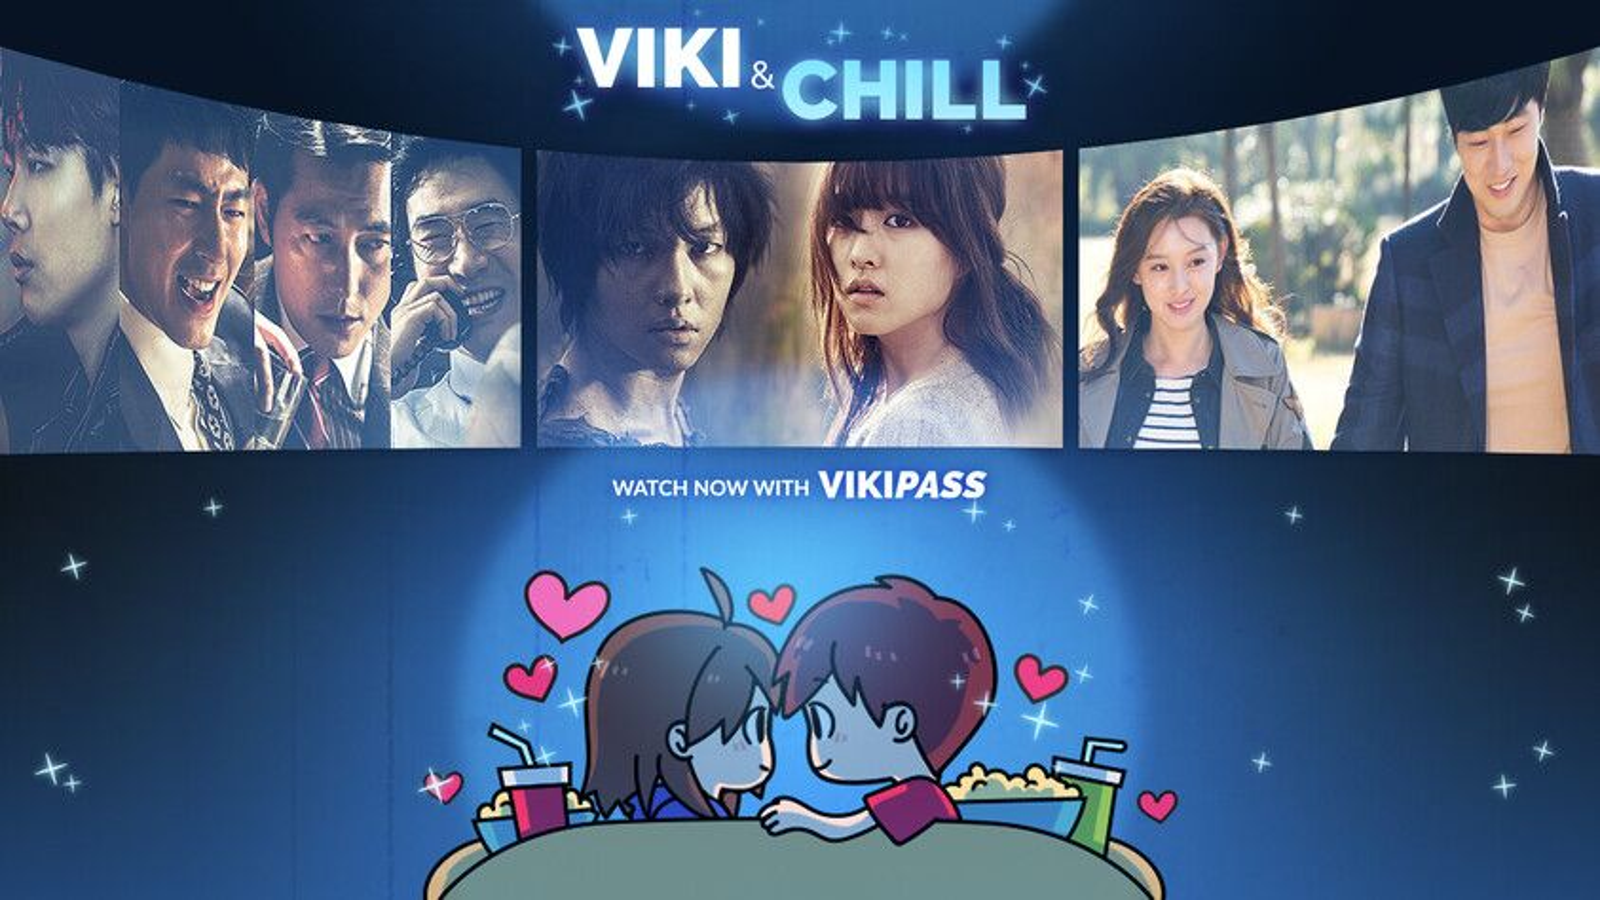 Viki & Chill